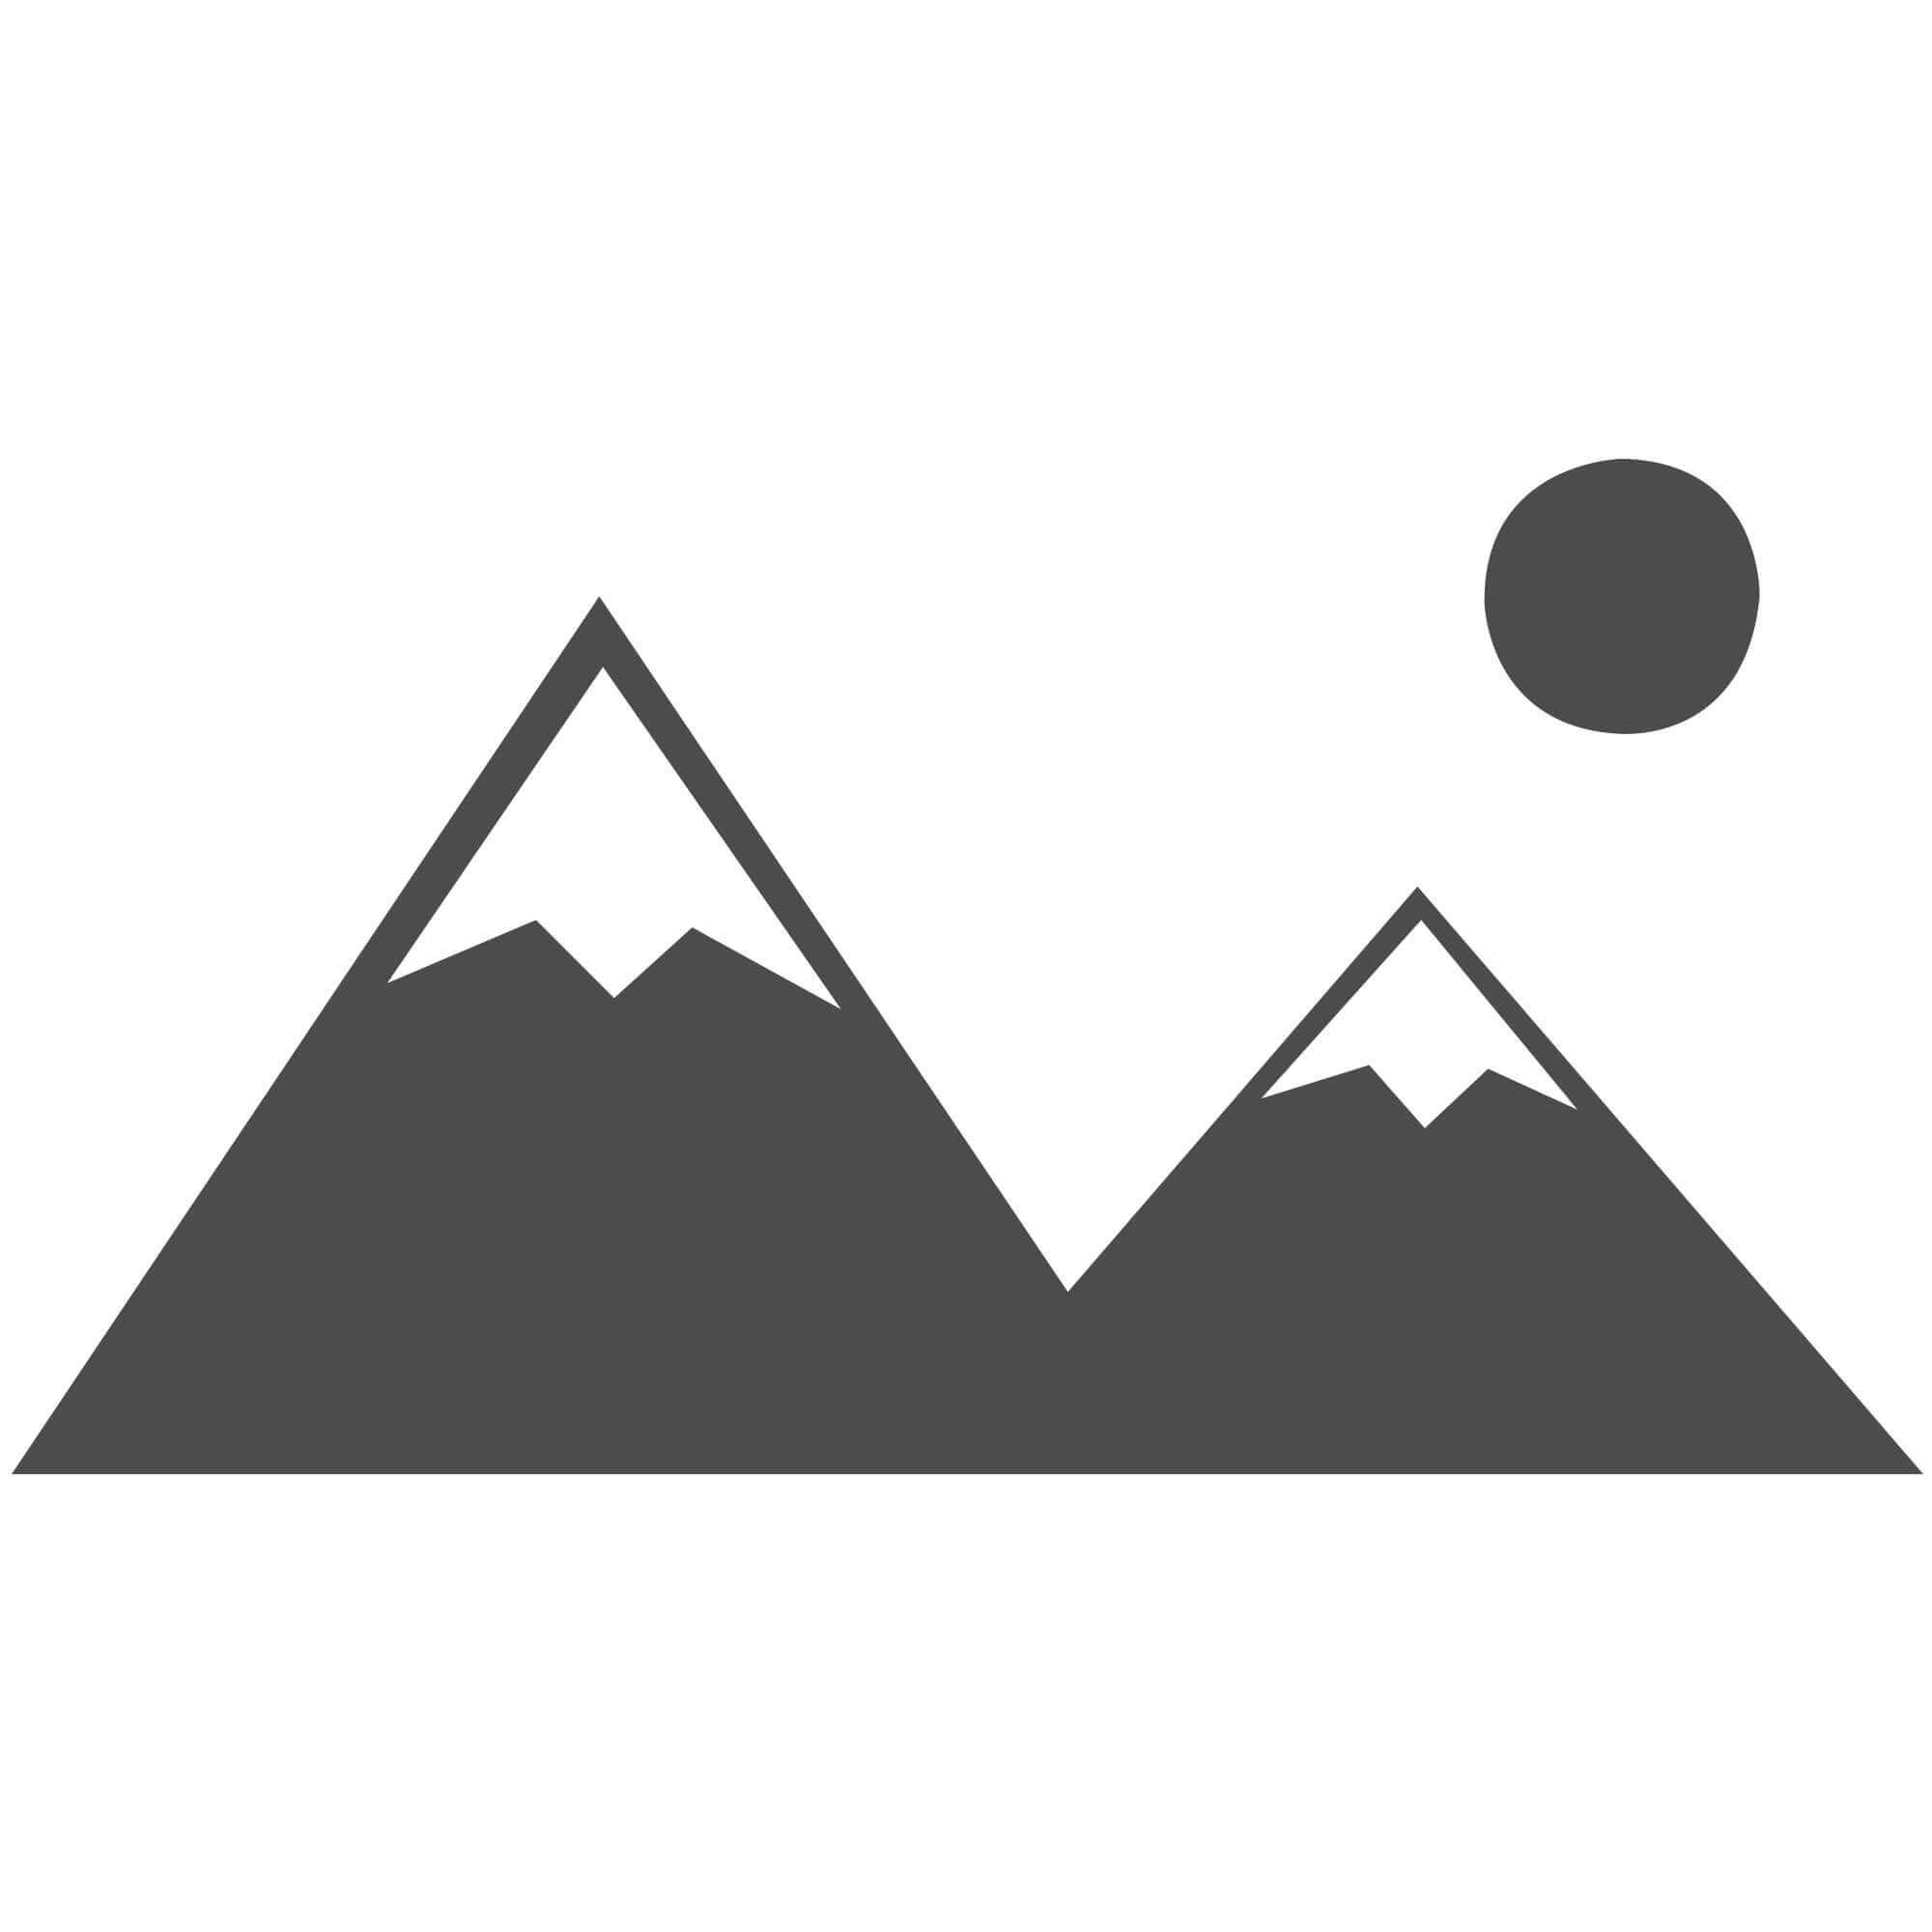 Dovre 425 Ivory White enamel wood burning / multifuel stove